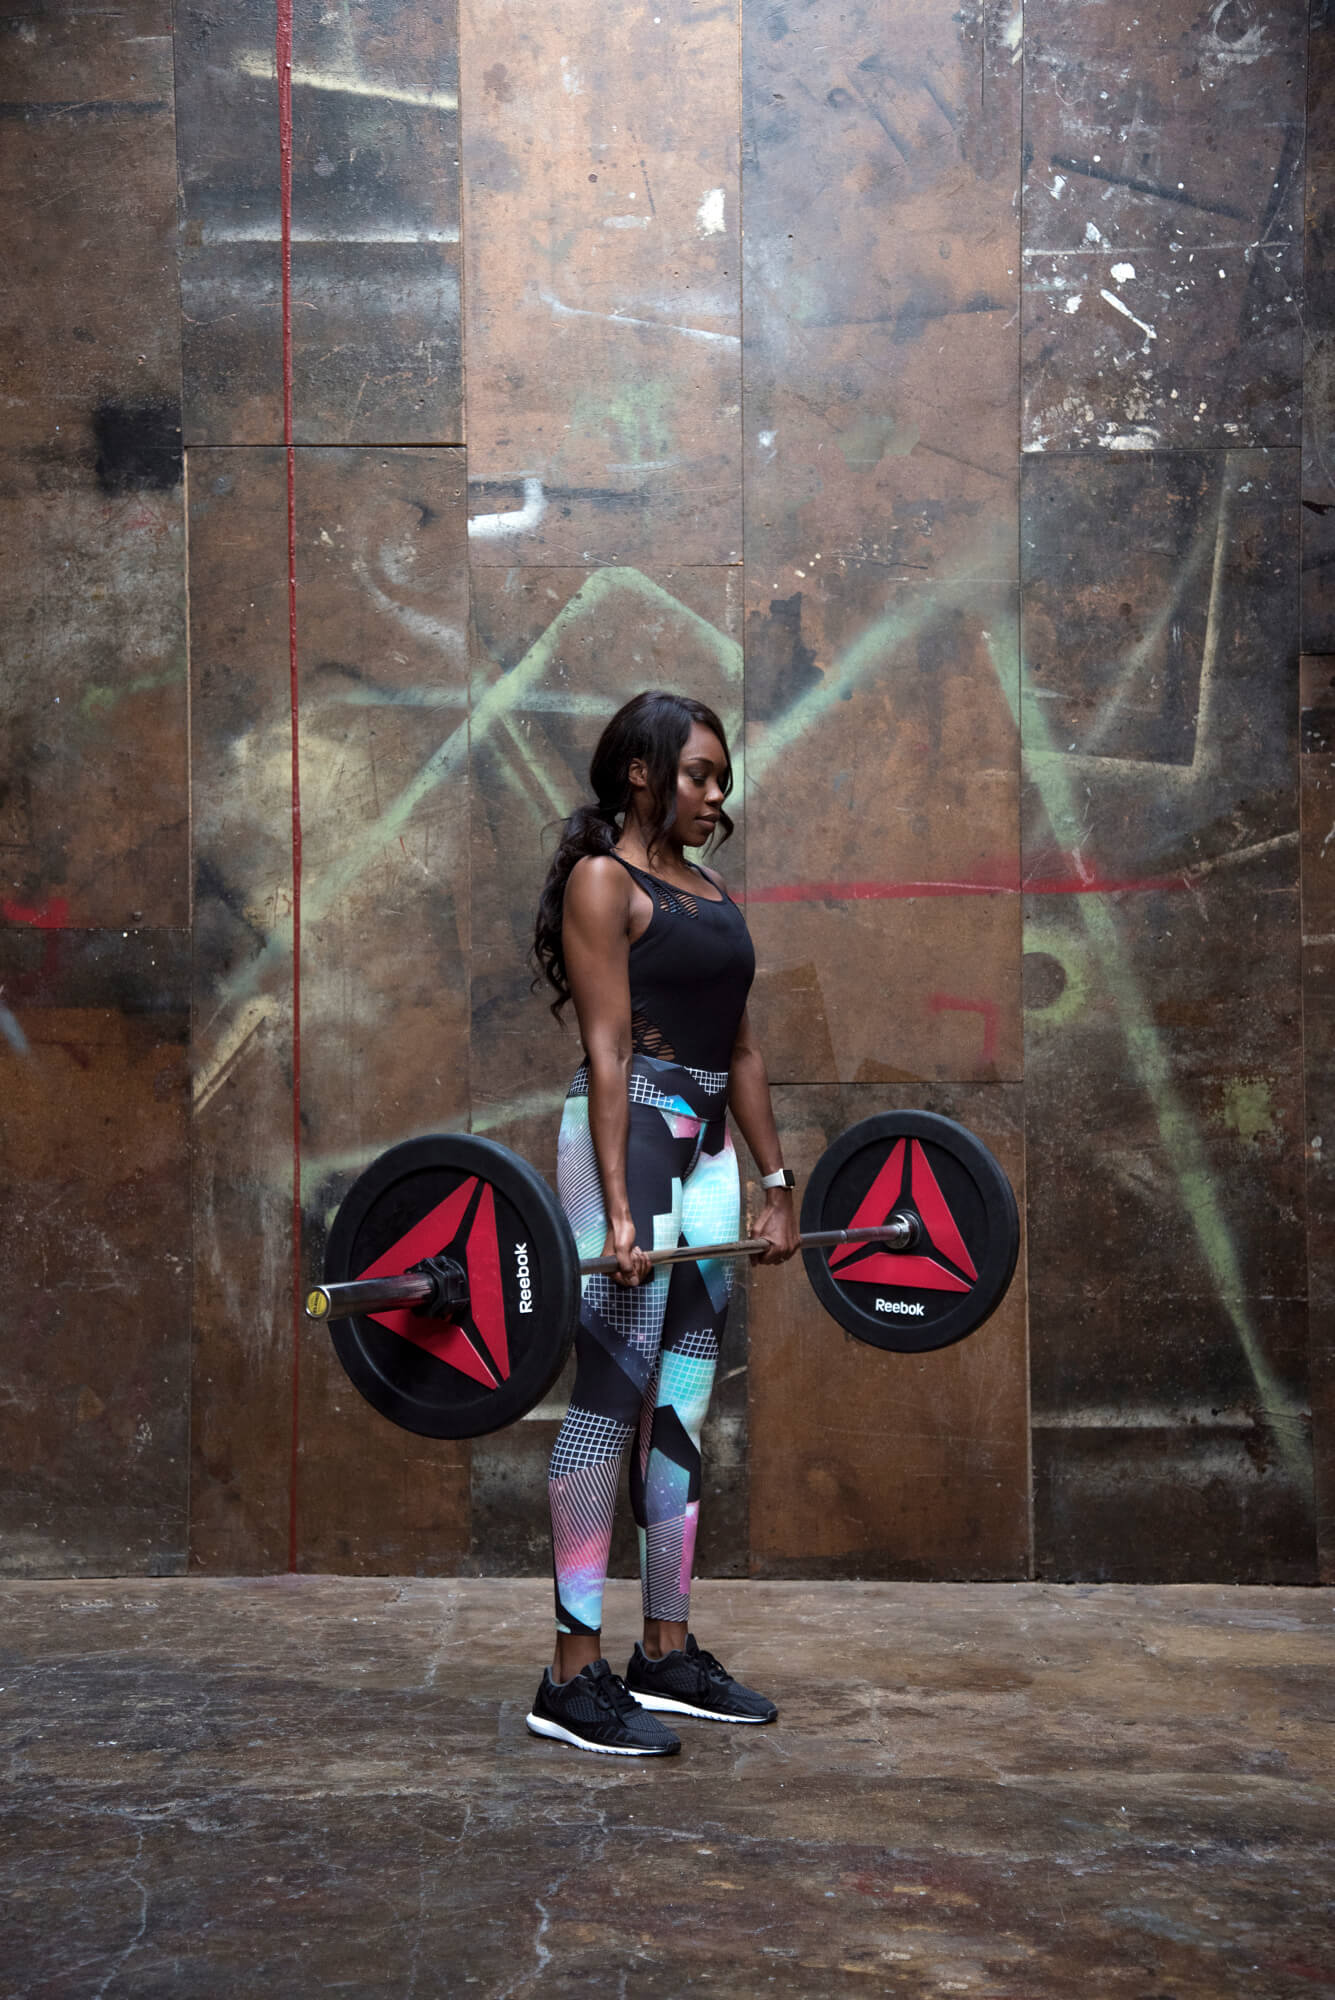 Tashi Skervin-Clarke weight training for Royal Parks Half Marathon